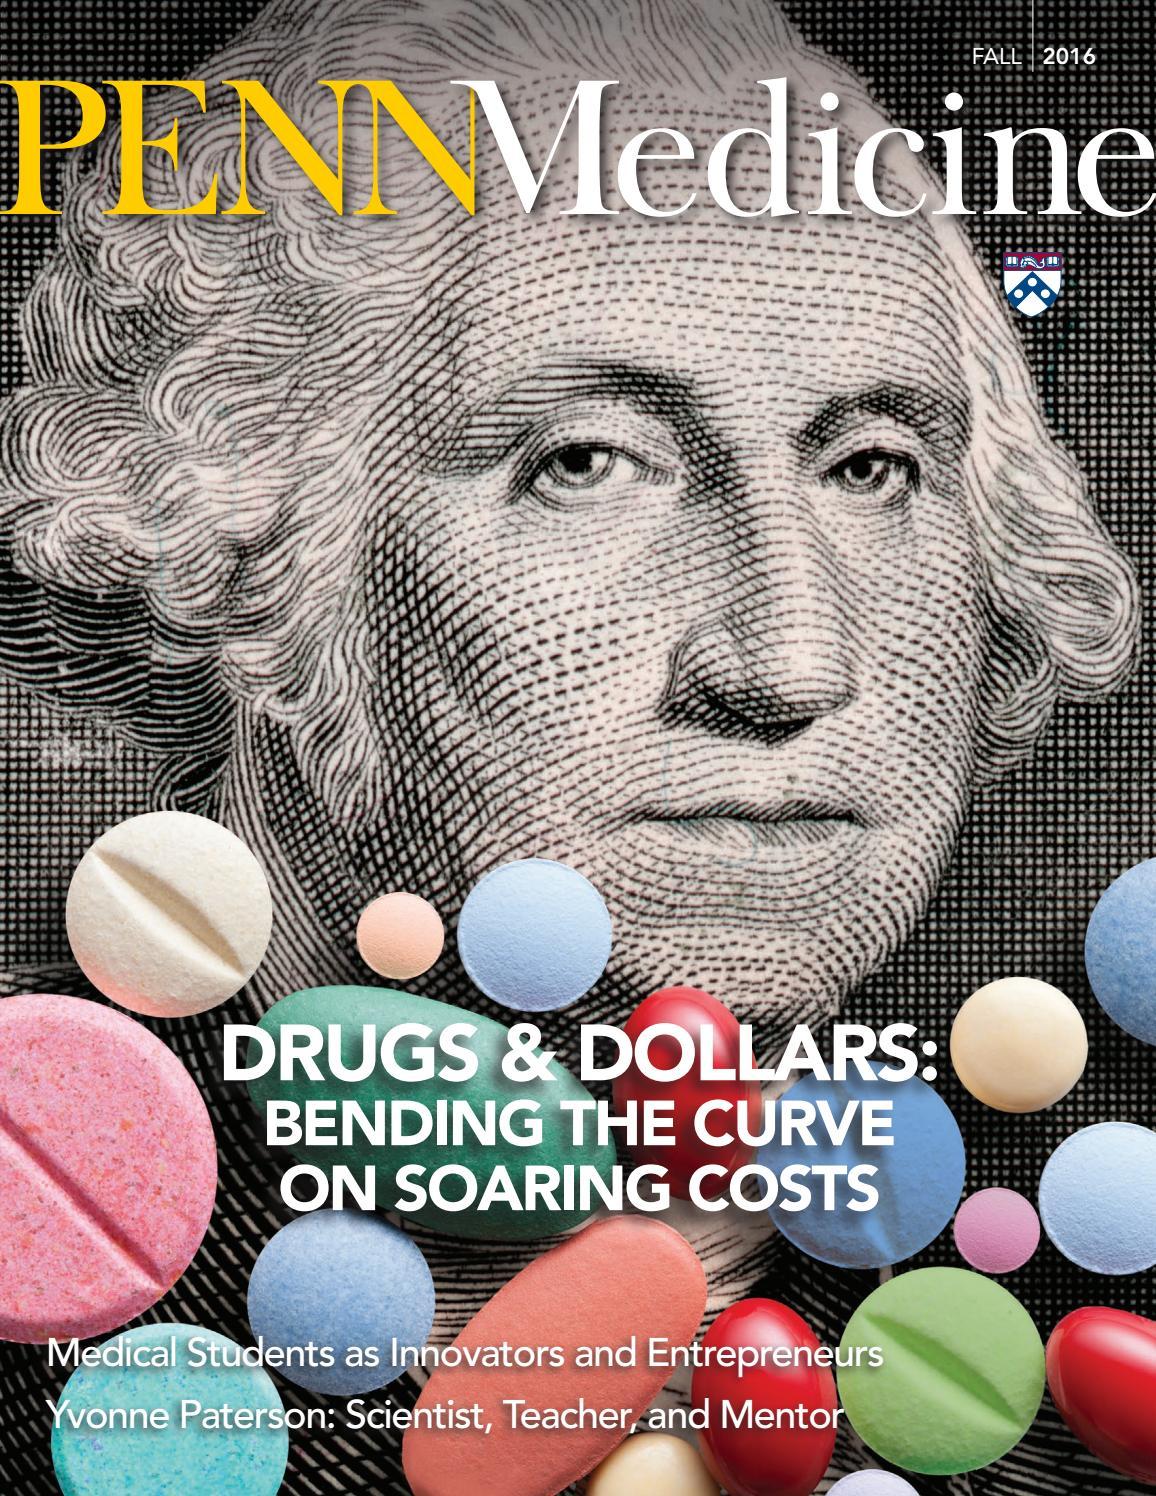 PENN Medicine Magazine | Fall 2016 by Penn Medicine - issuu